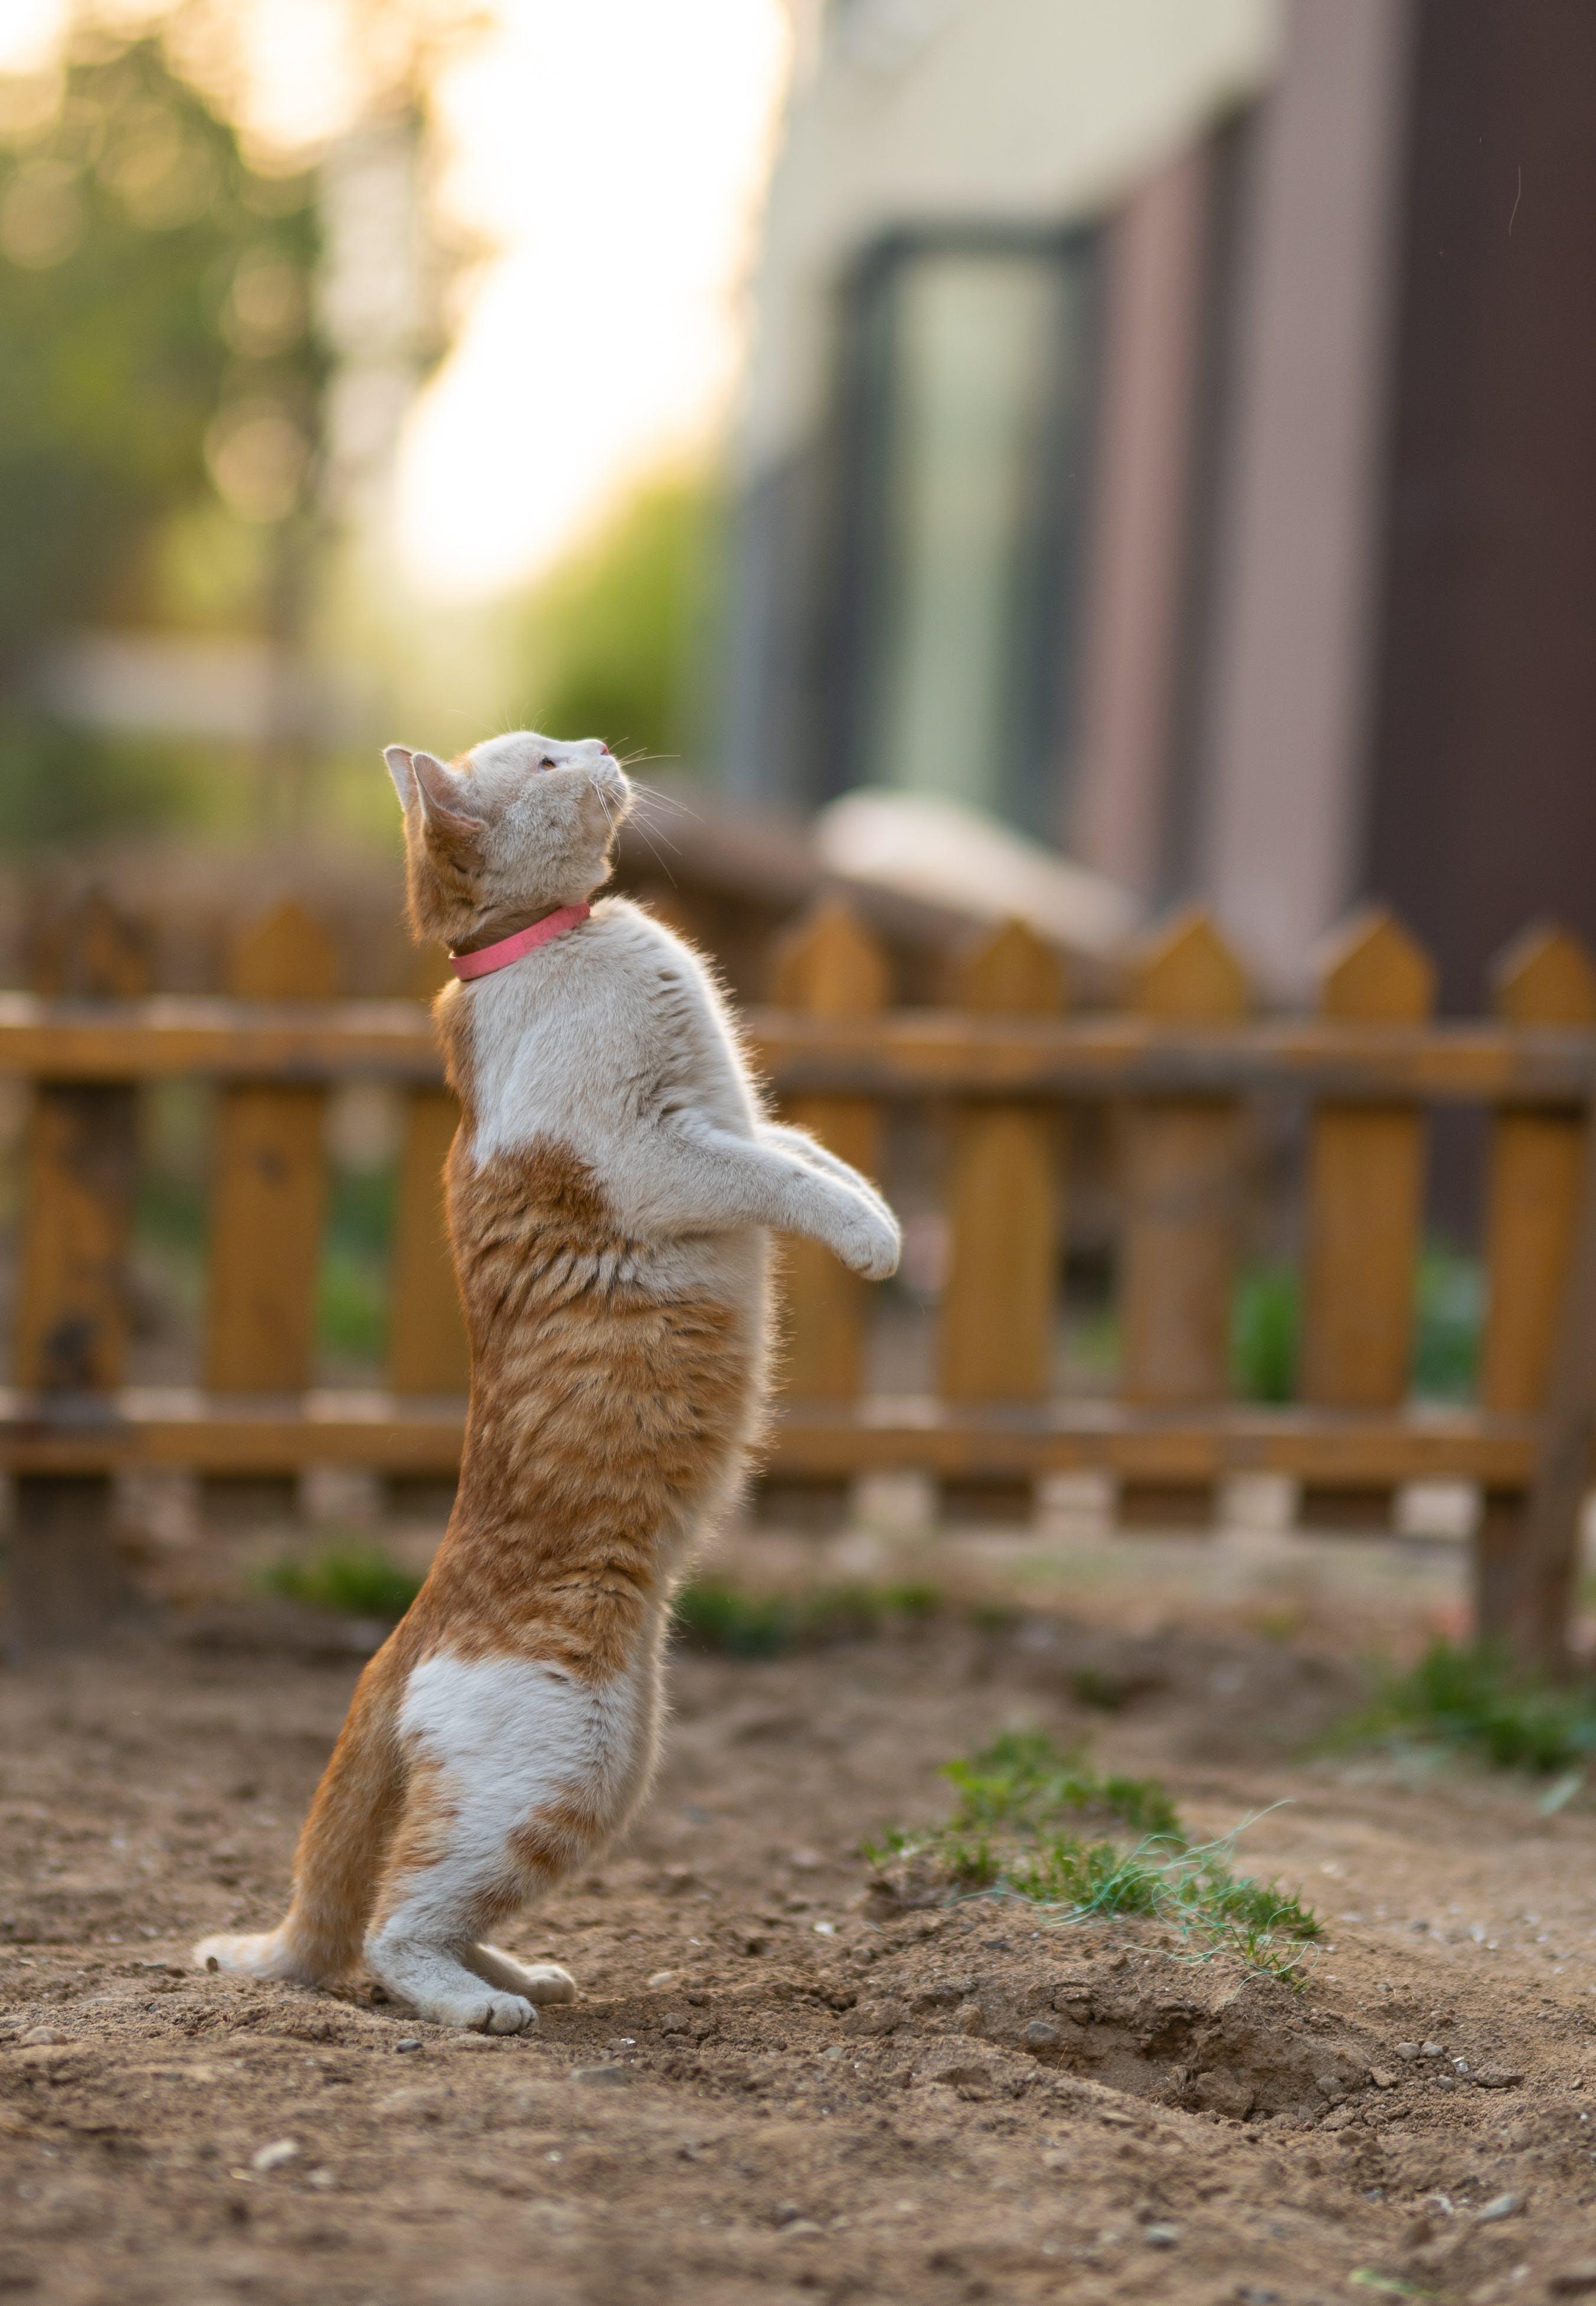 Fotos de stock gratuitas de gato bicolor